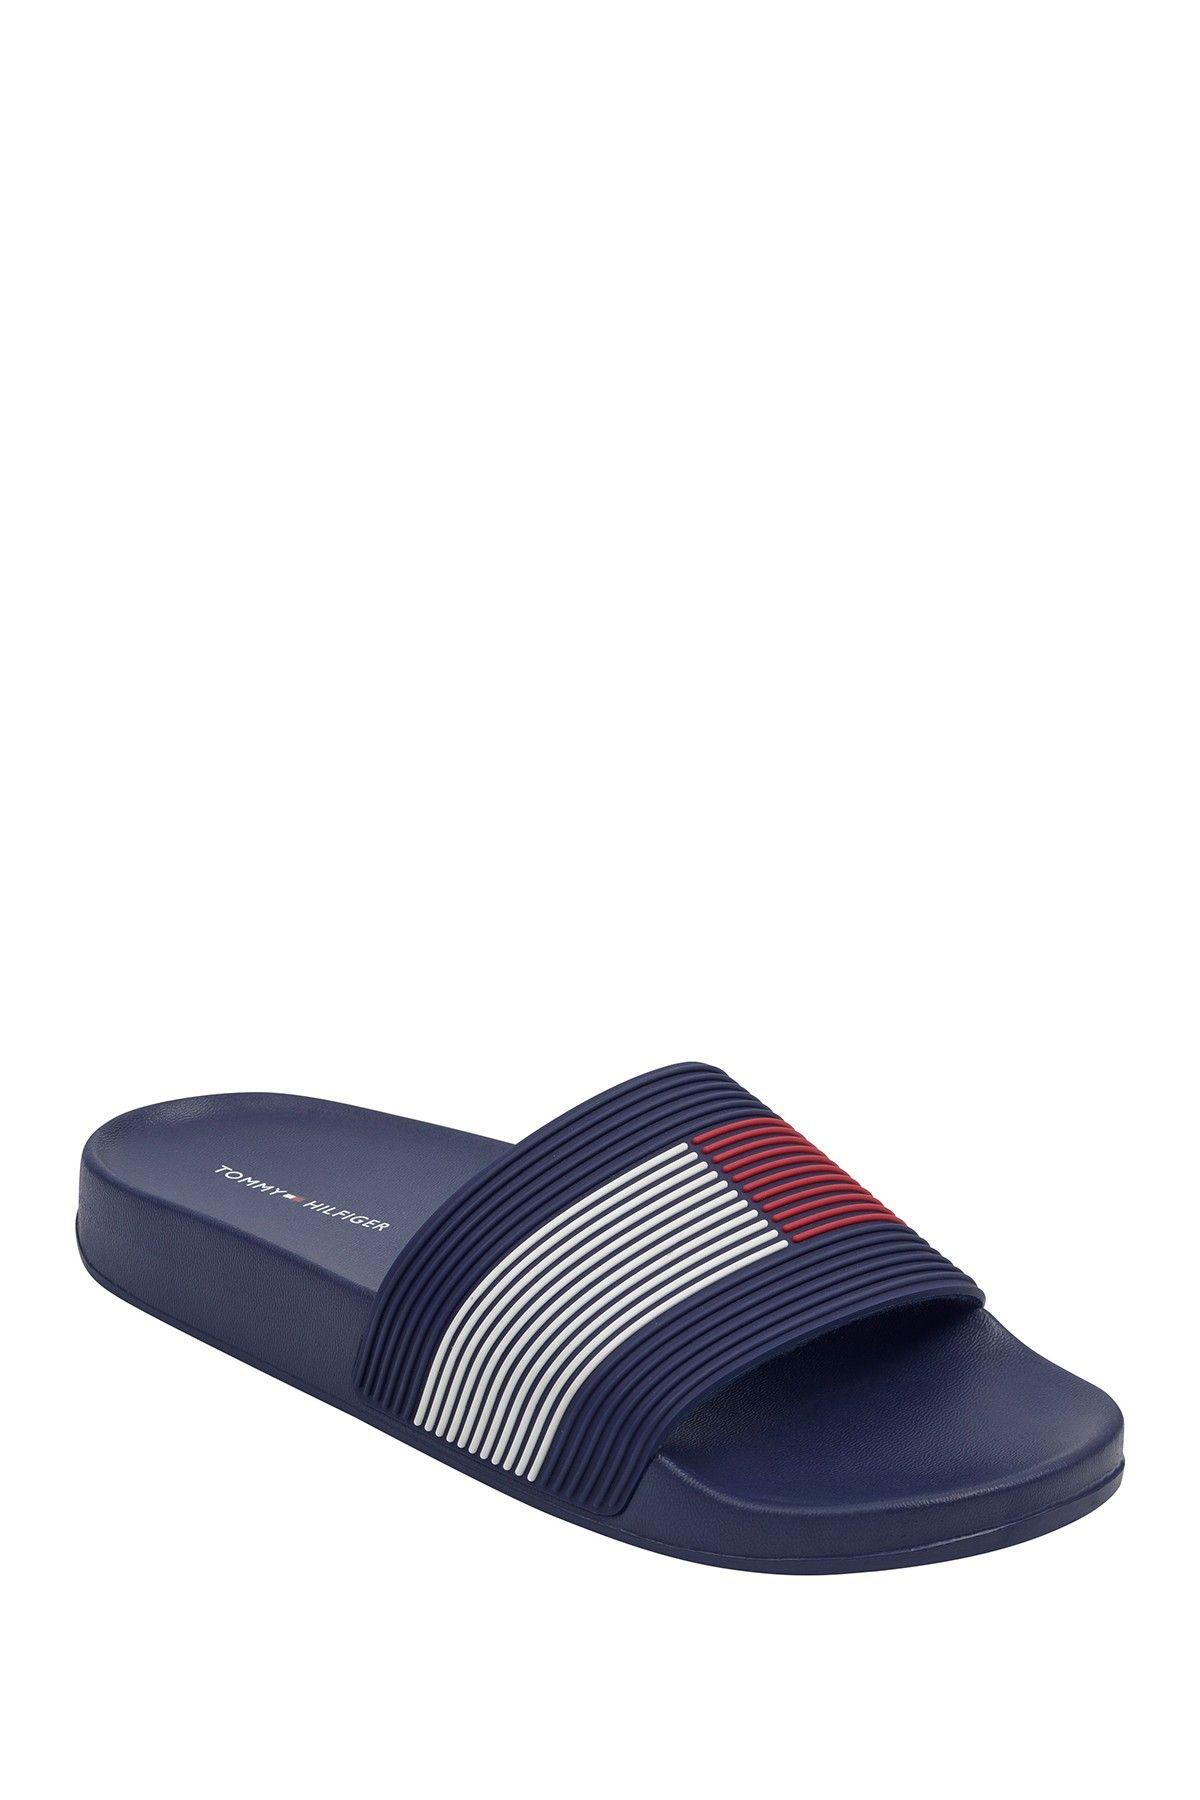 Tommy Hilfiger Daily Stripe Slide Sandal Nordstrom Rack Striped Slides Slide Sandals Sandals